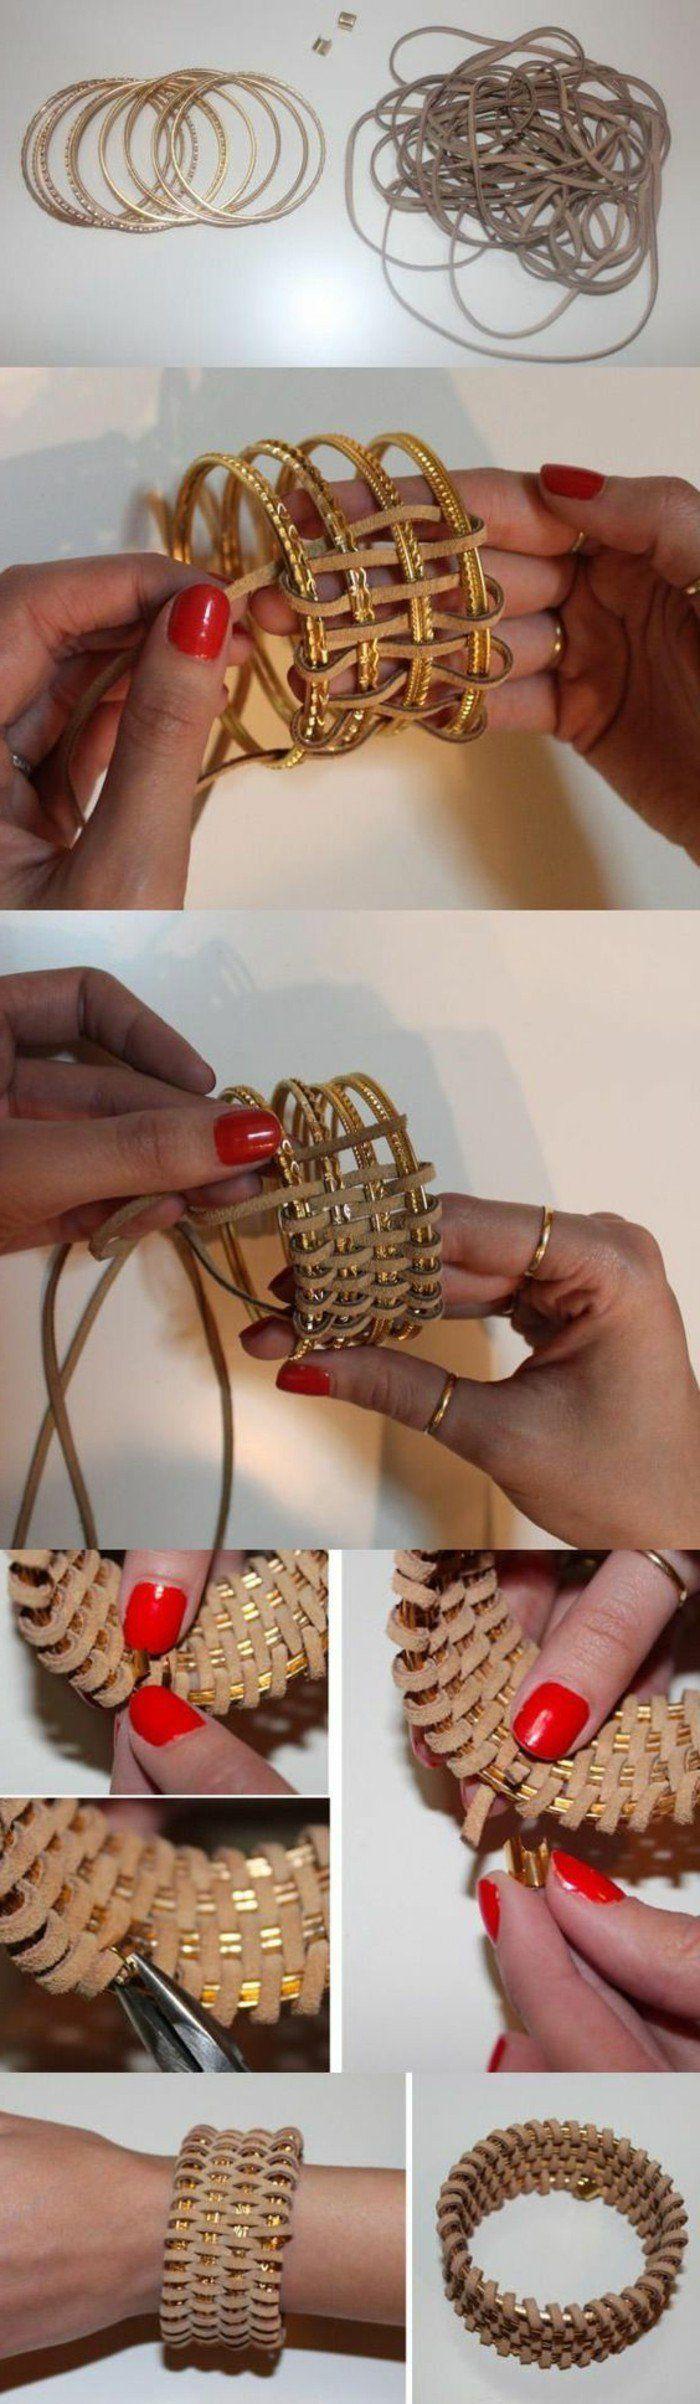 Les 227 meilleures images du tableau bijoux sur pinterest bijoux collier colliers de perles - Bracelet a faire soi meme ...